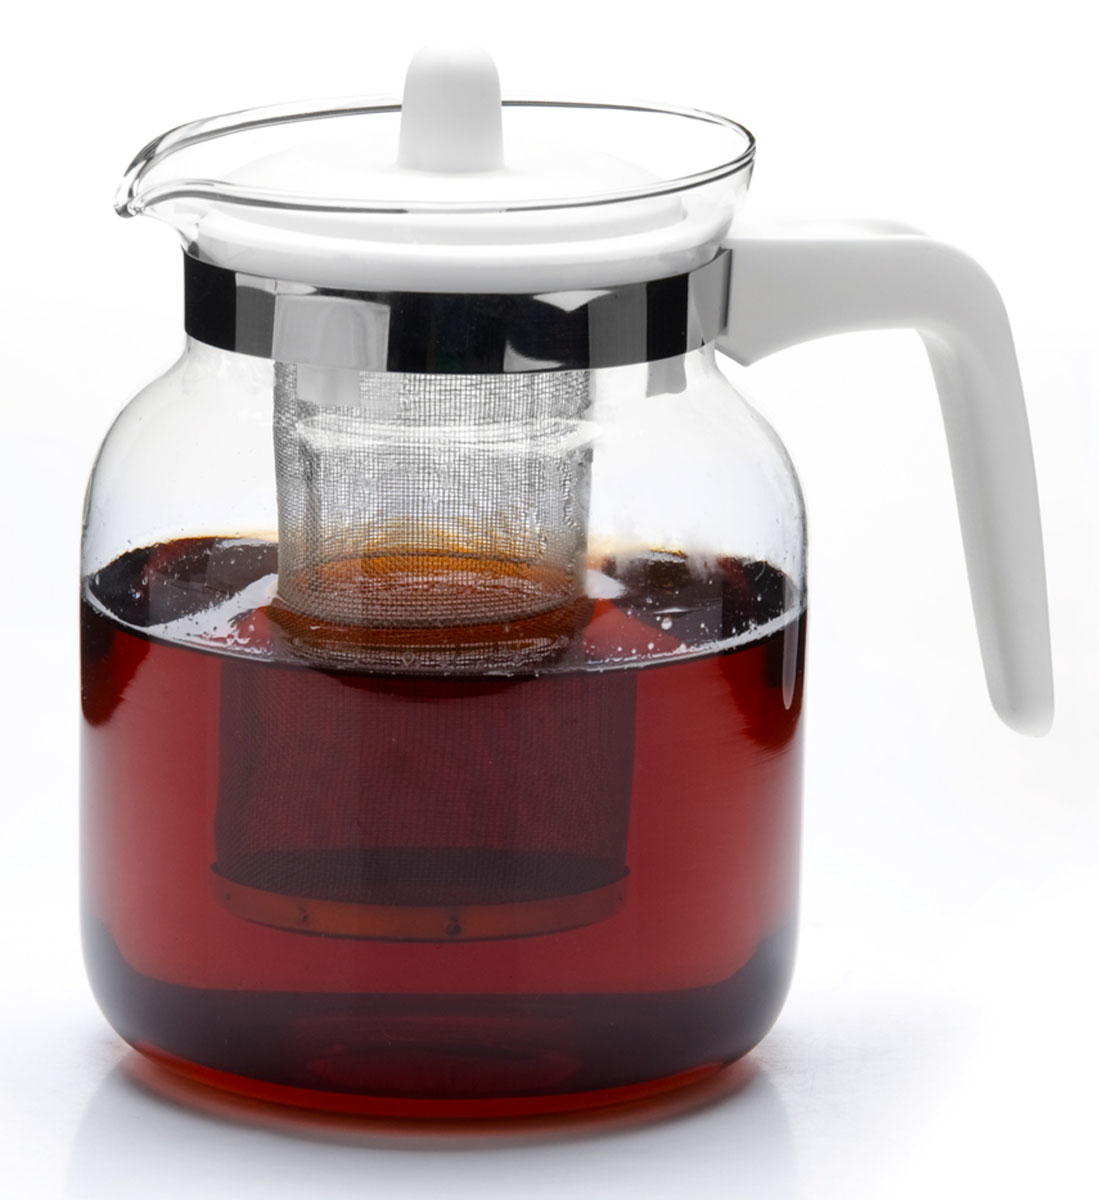 Чайник заварочный Mayer&Boch, 1,45 мл. 26808-326808-3Заварочный чайник MAYER&BOCH изготовлен из термостойкого боросиликатного стекла, фильтр выполнены из нержавеющей стали.Изделия из стекла не впитывают запахи, благодаря чему вы всегда получите натуральный, насыщенный вкус и аромат напитков. Заварочный чайник из стекла удобно использовать для повседневного заваривания чая практически любого сорта. Но цветочные, фруктовые, красные и желтые сорта чая лучше других раскрывают свой вкус и аромат при заваривании именно в стеклянных чайниках, а также сохраняют все полезные ферменты и витамины, содержащиеся в чайных листах. Стальной фильтр гарантирует прозрачность и чистоту напитка от чайных листьев, при этом сохранив букет и насыщенность чая. Прозрачные стенки чайника дают возможность насладиться насыщенным цветом заваренного чая. Изящный заварочный чайник MAYER&BOCH будет прекрасно смотреться в любом интерьере. Подходит для мытья в посудомоечной машине.